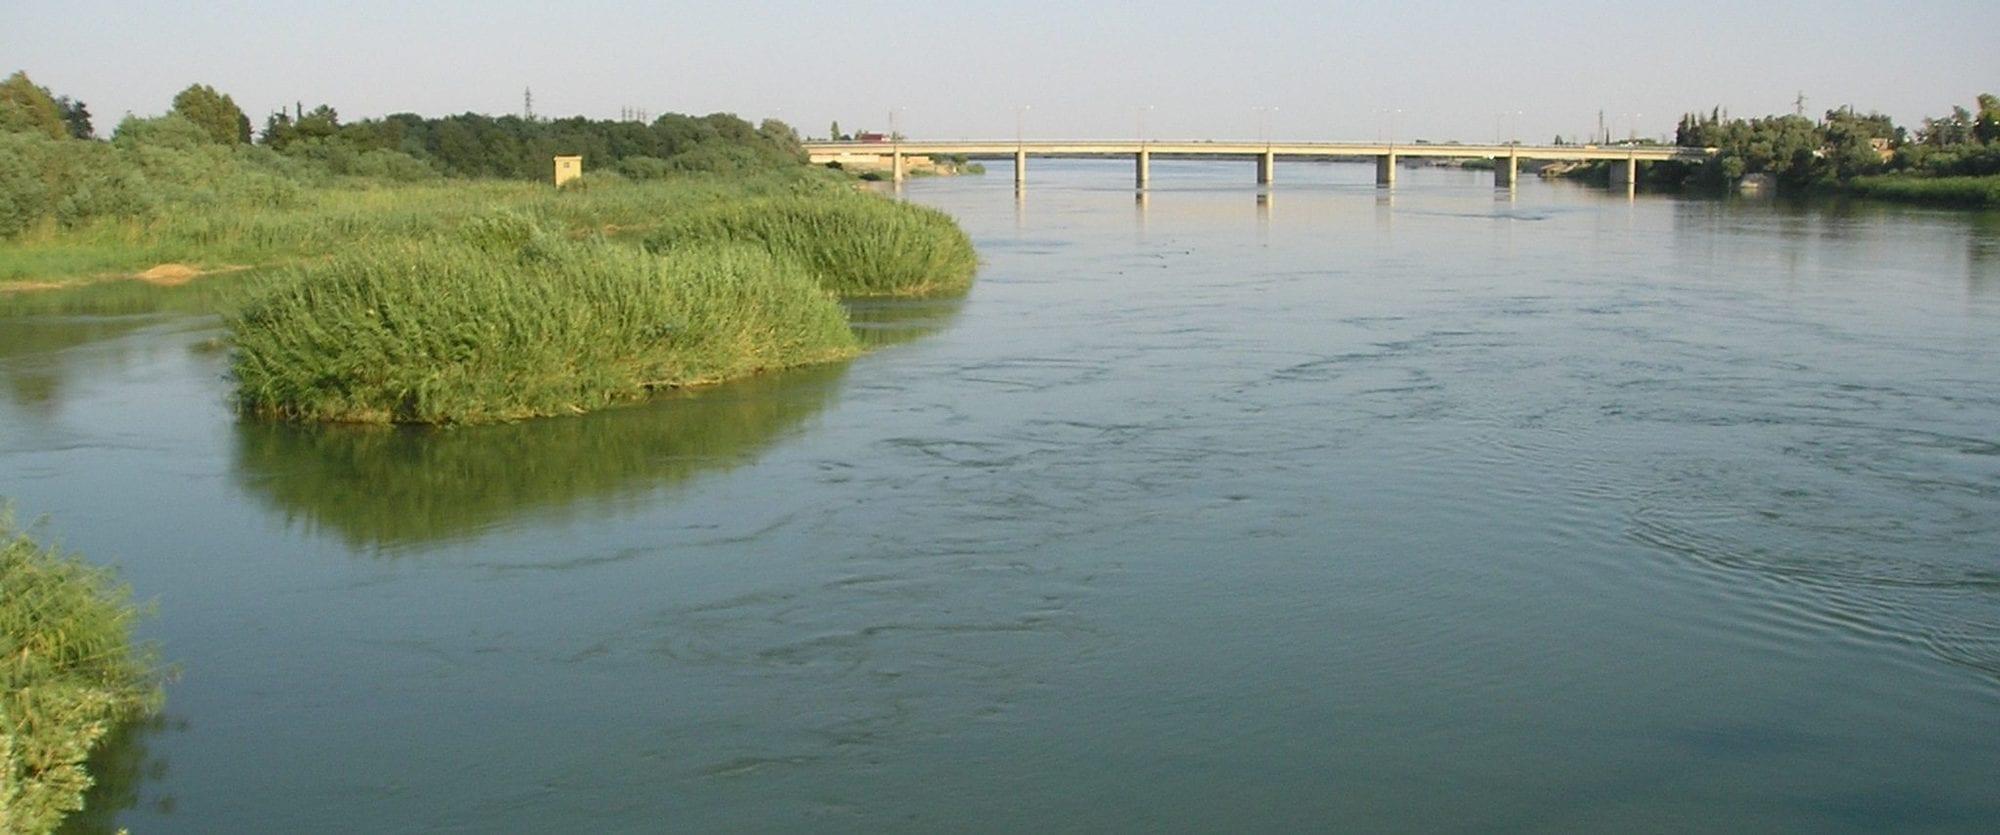 مدينة دبس في محافظة كركوك